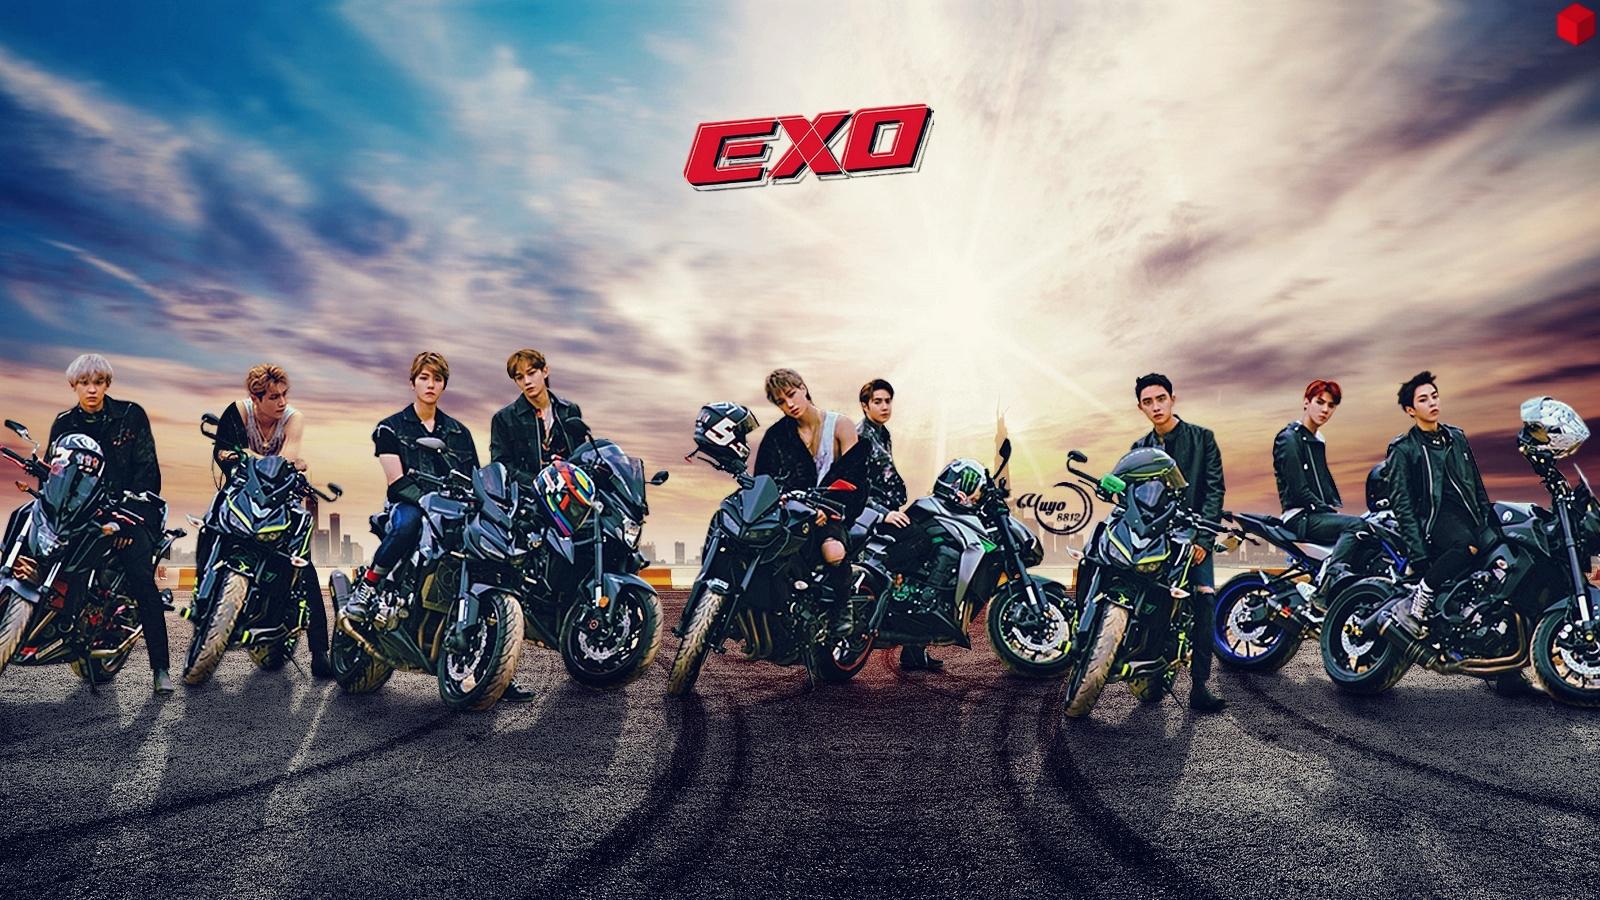 Exo Tempo Wallpaper Hd Peatix